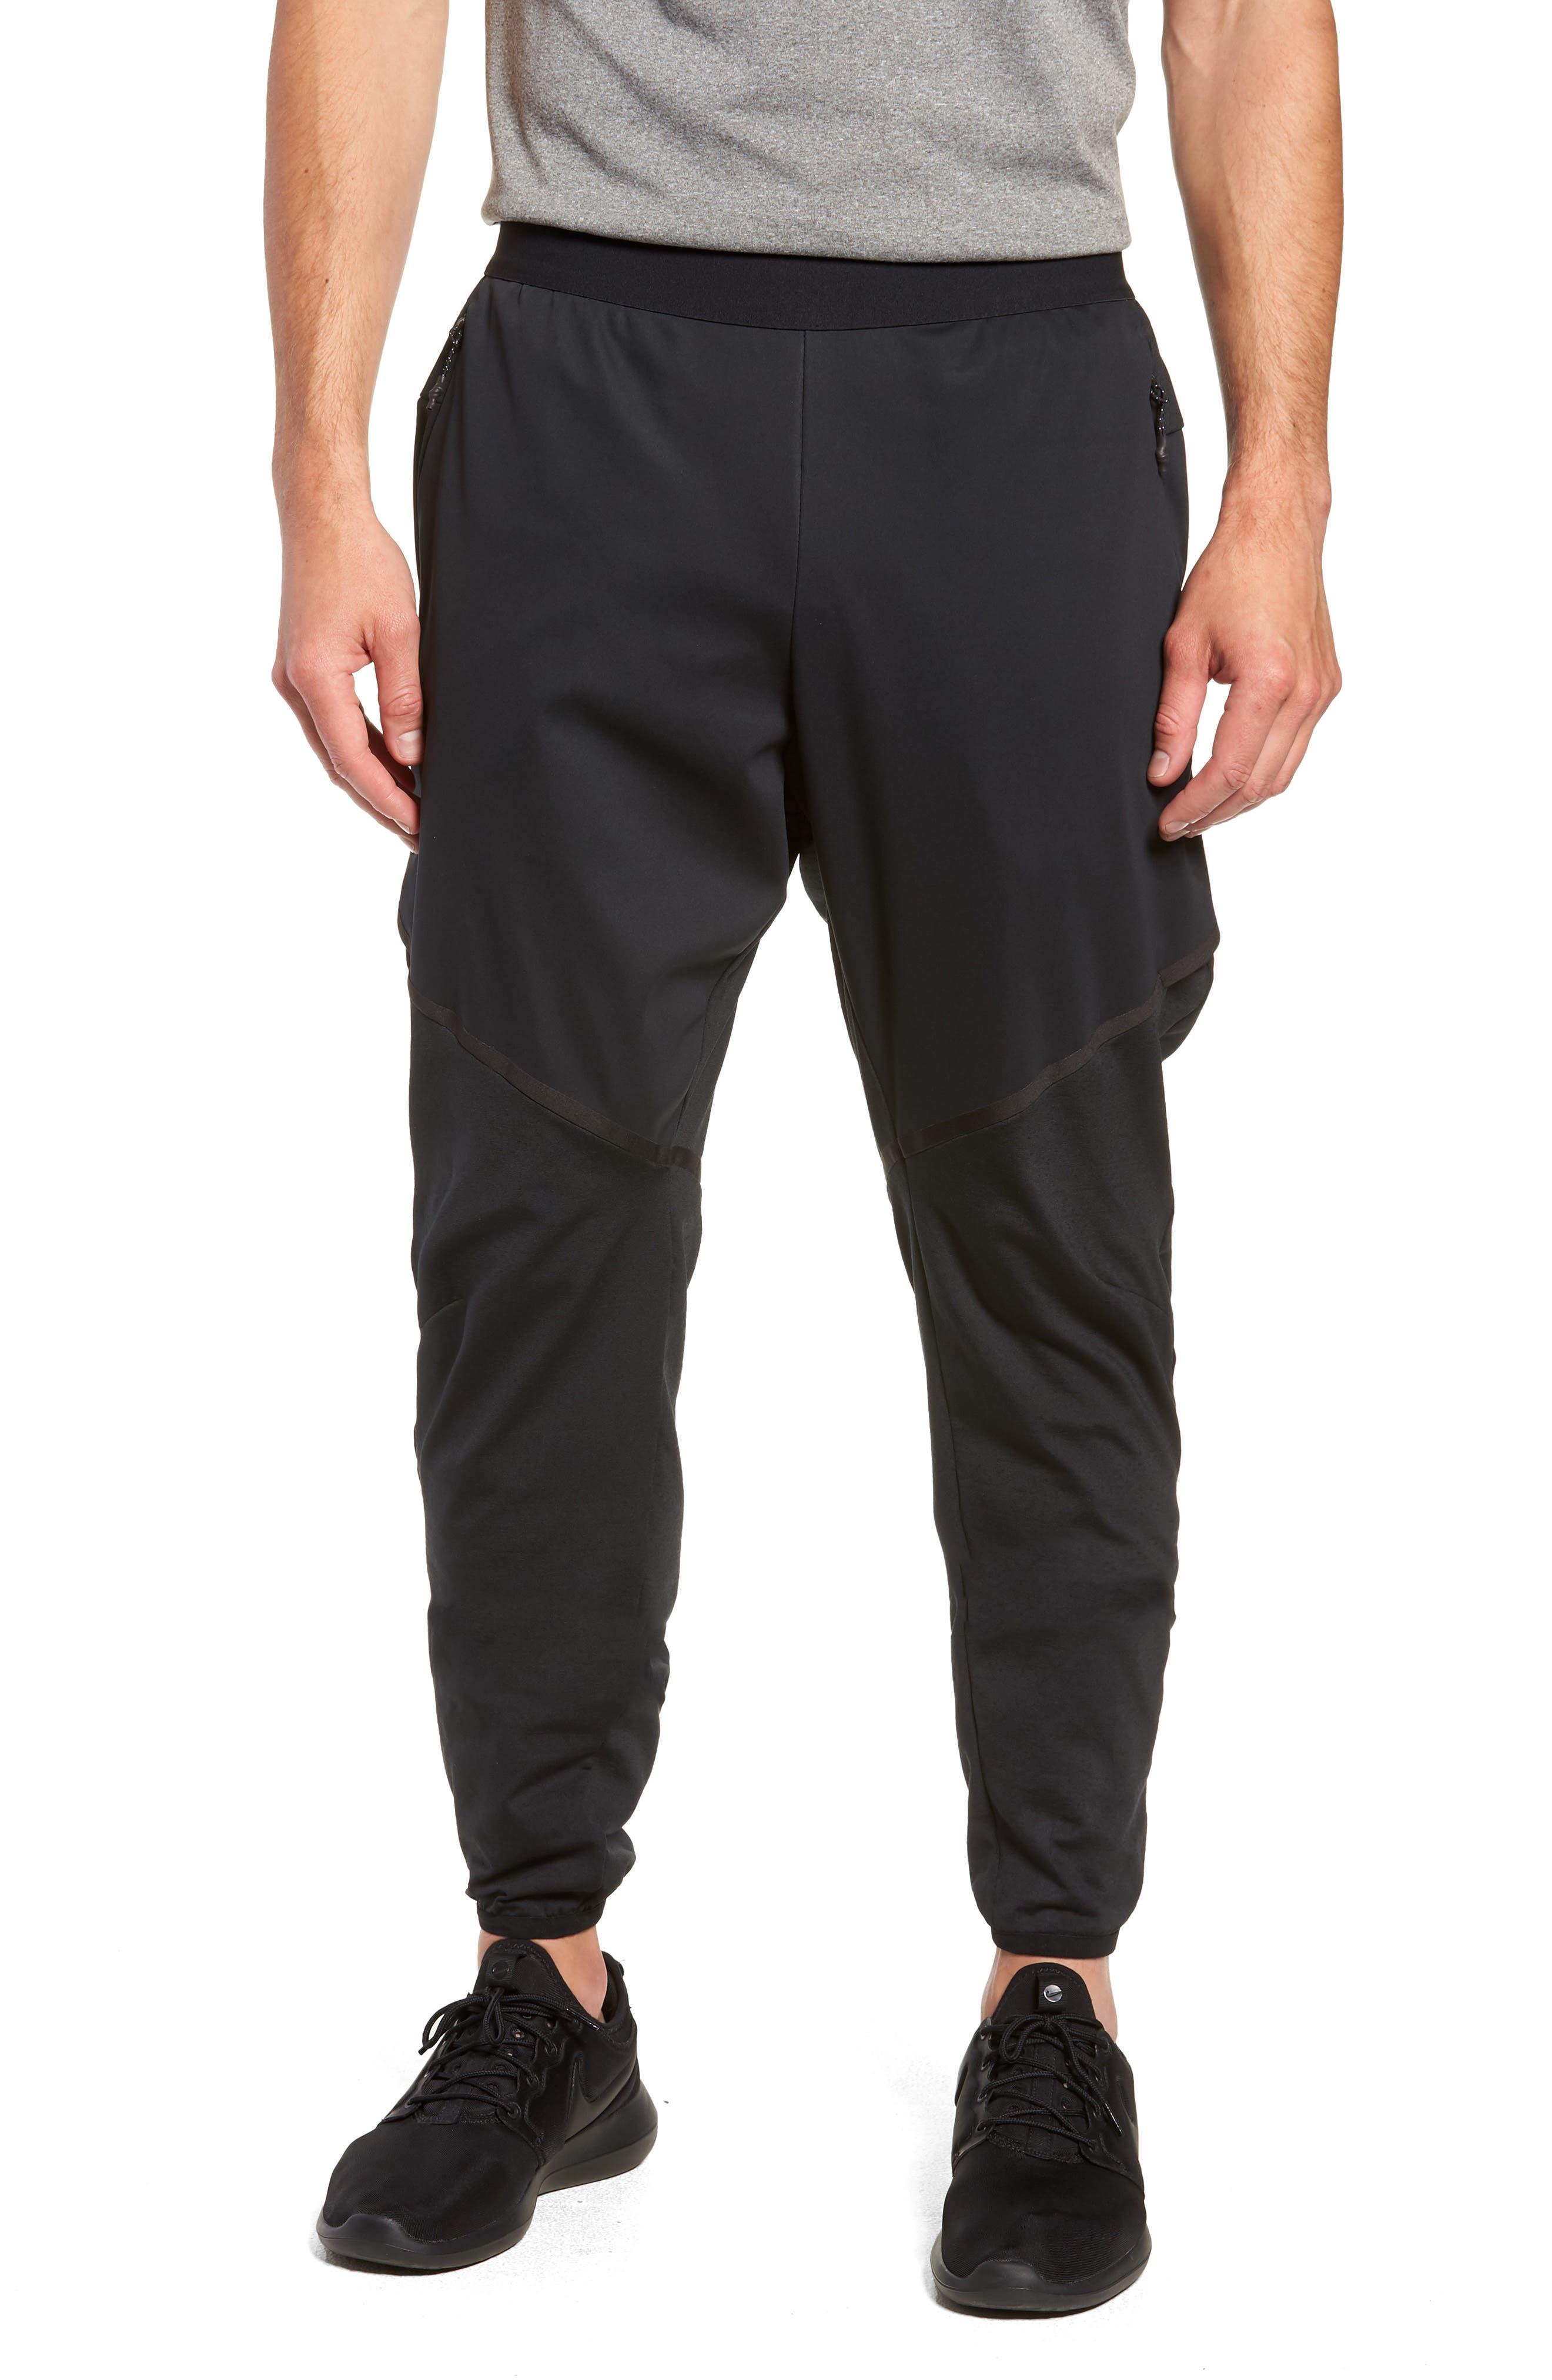 Training Flex Pants,                             Main thumbnail 1, color,                             BLACK/ BLACK